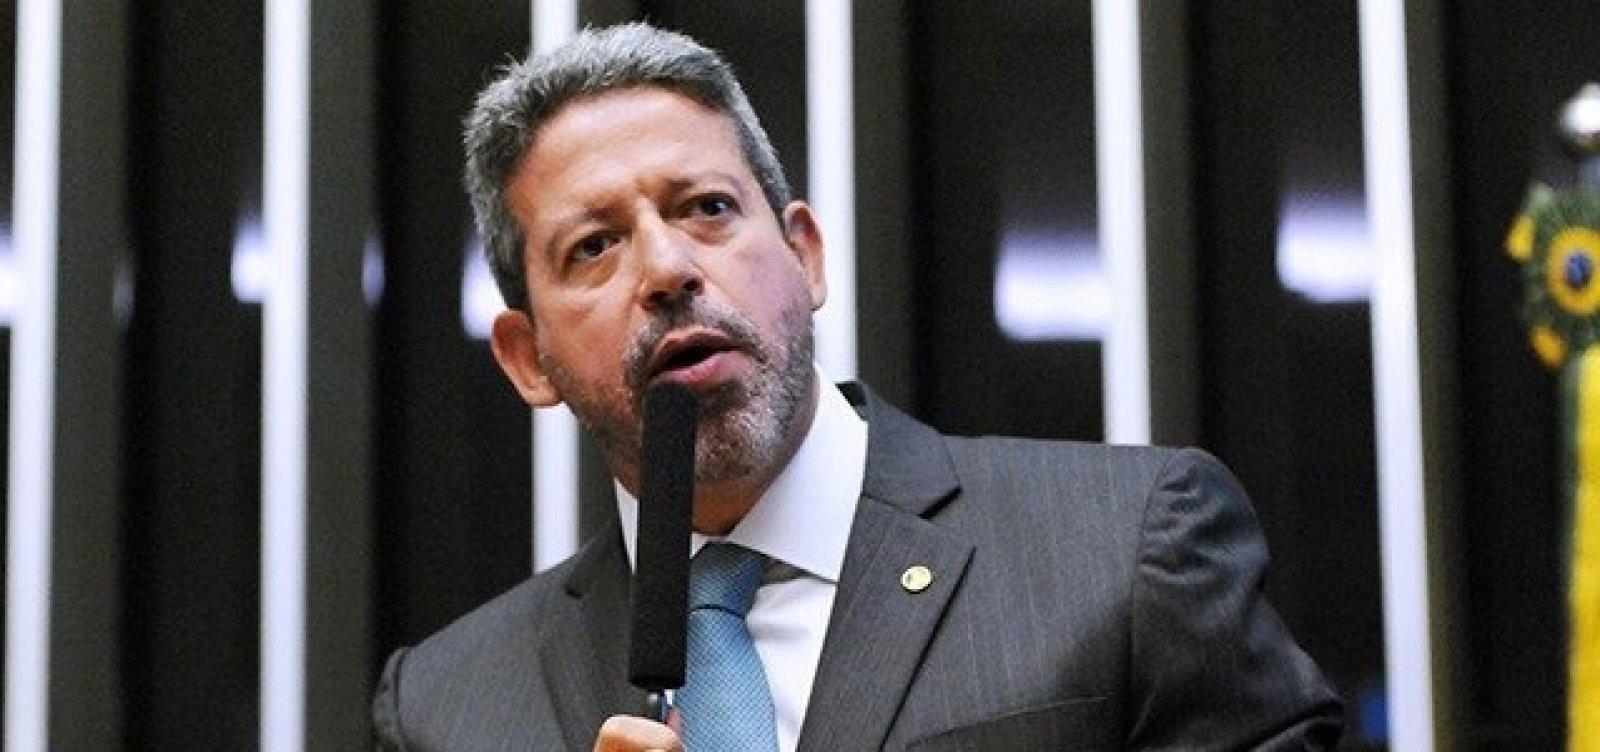 """Lira pressiona Petrobras por preço de combustível: """"O Brasil não pode tolerar gasolina a quase R$ 7"""""""